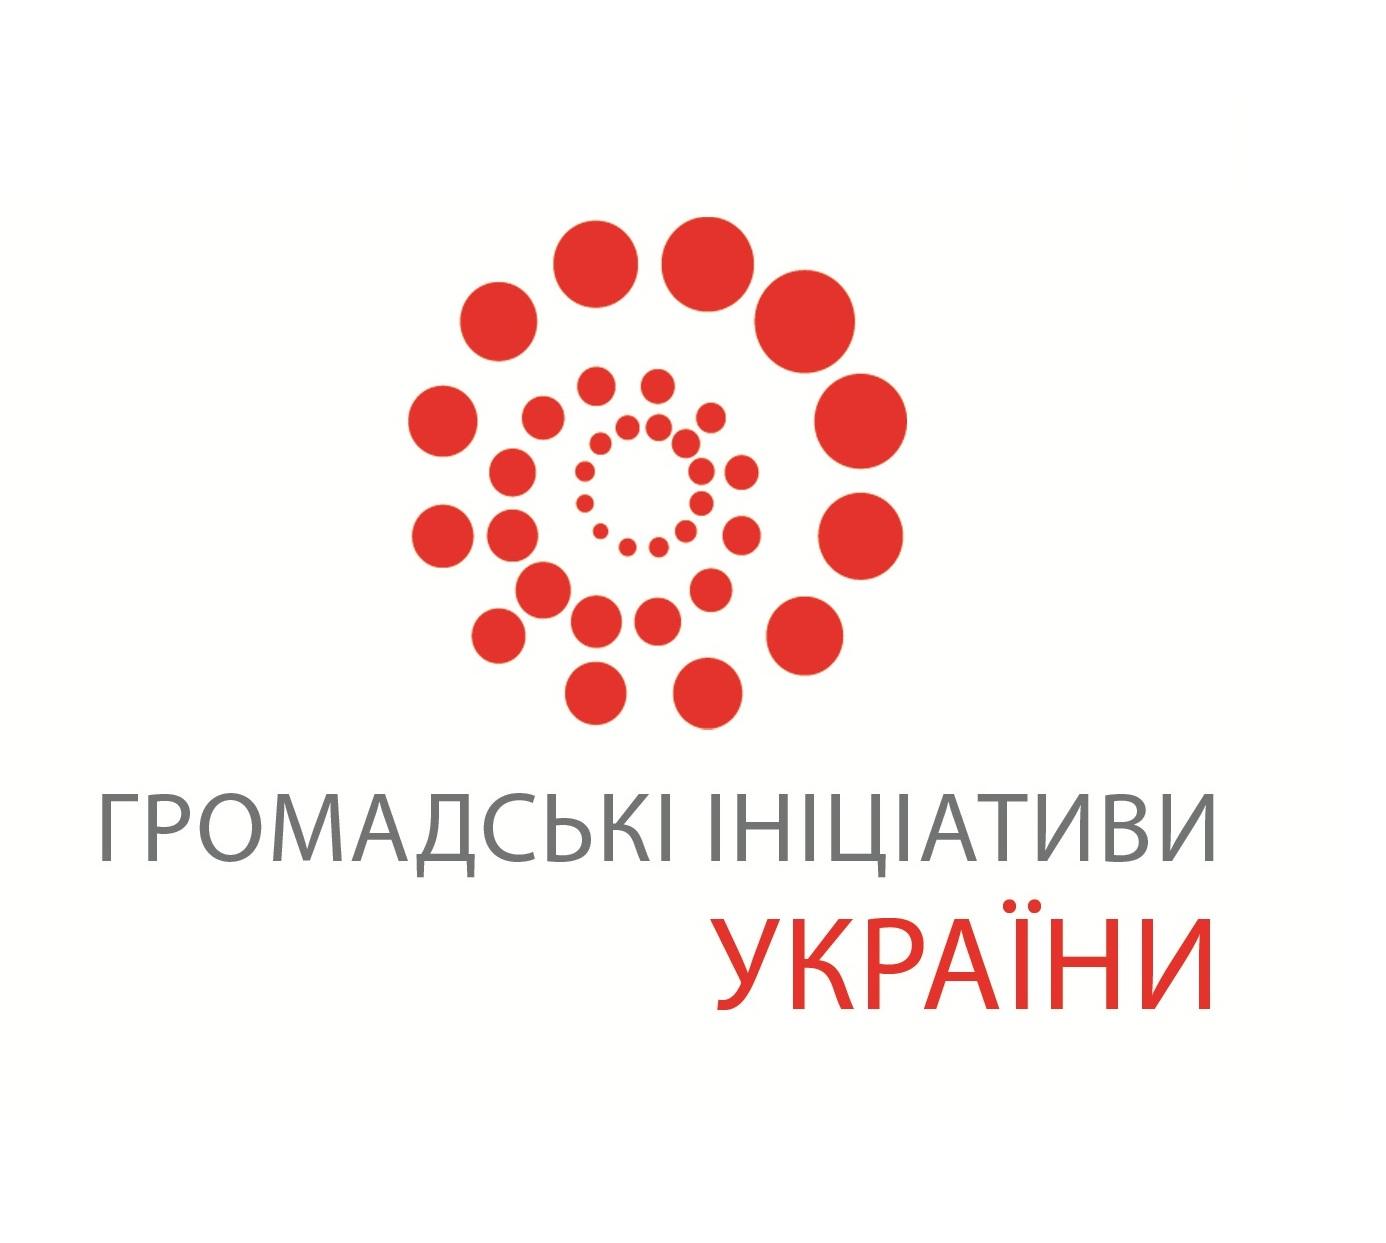 Громадські ініціативи України вимагають, аби Президент та Верховна Рада України припинили наступ на громадські об'єднання